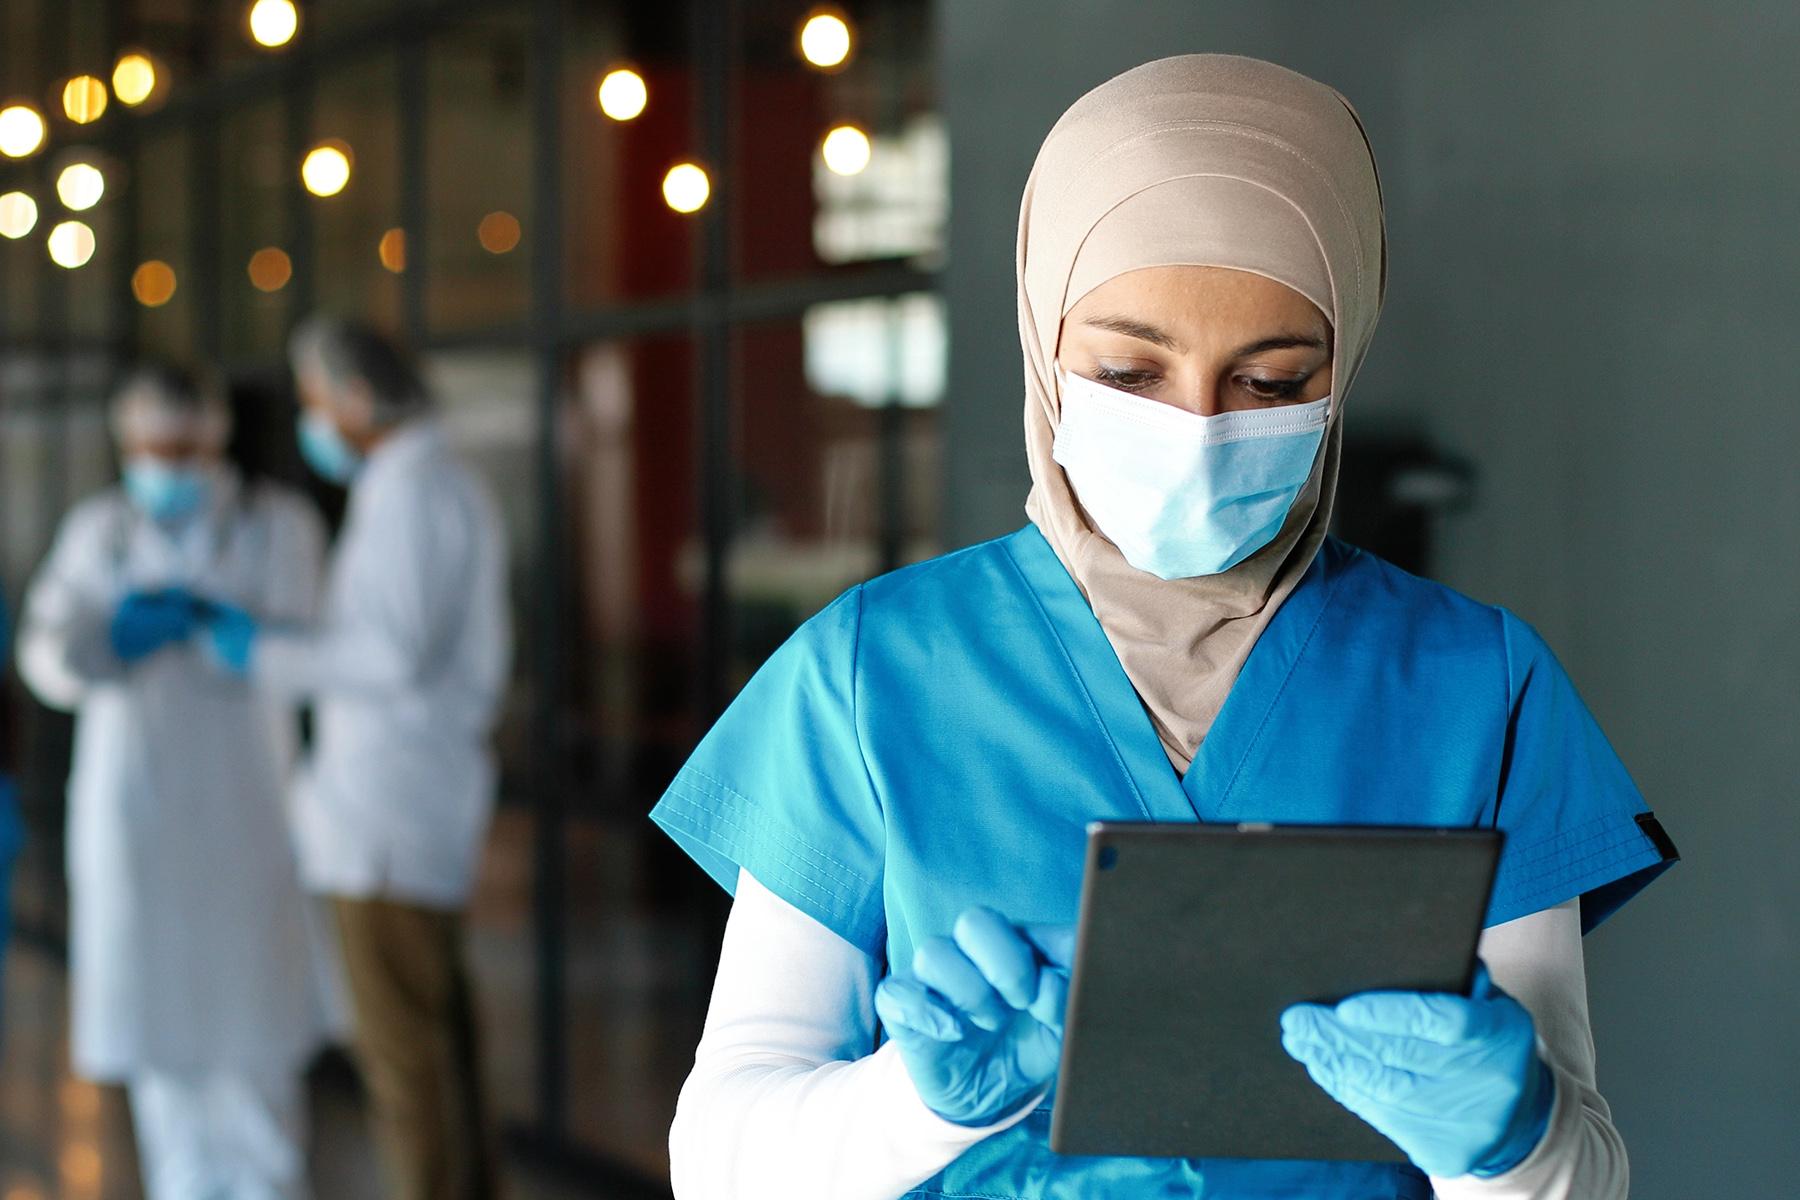 Female doctor in Saudi Arabia